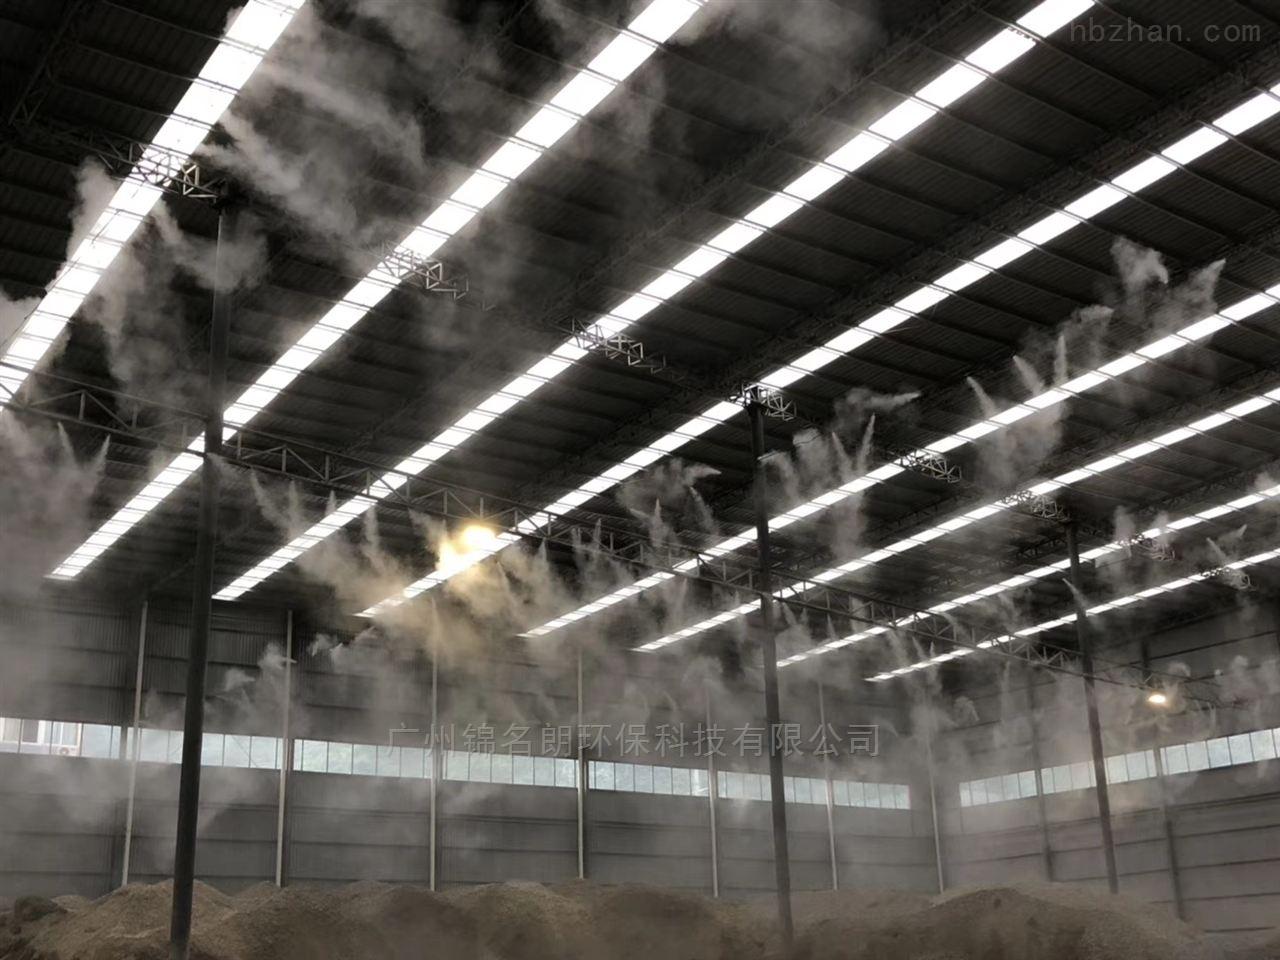 搅拌厂骨料仓喷雾除尘设备